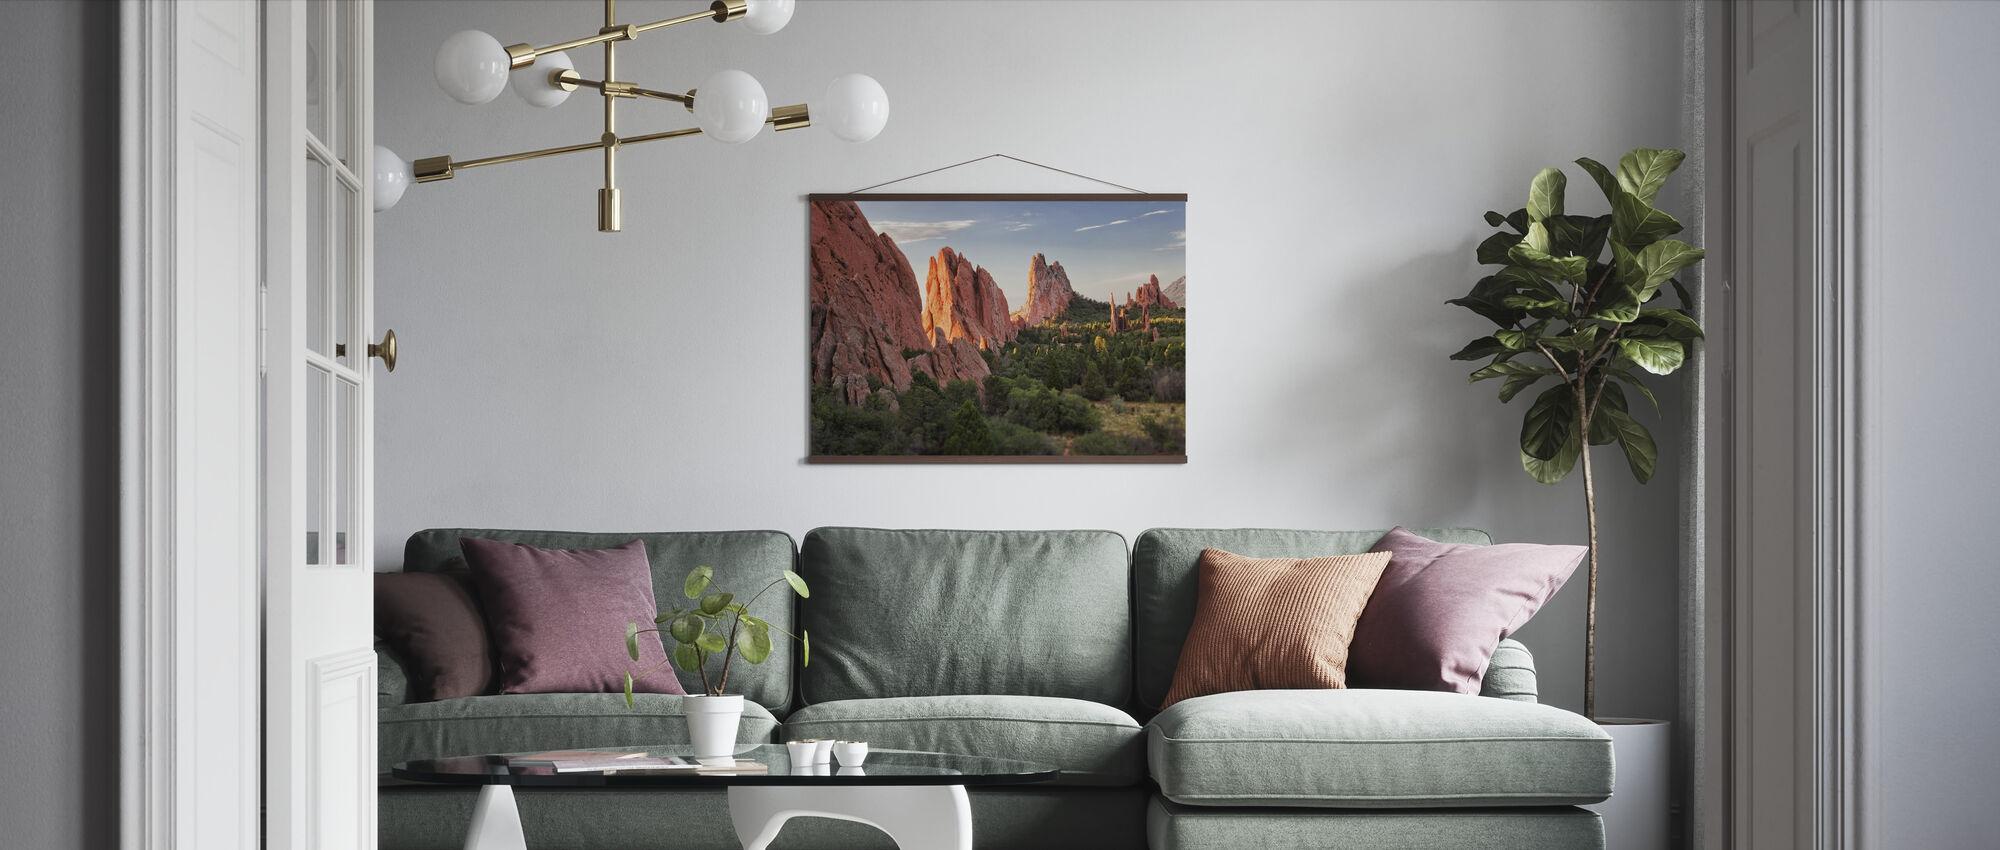 Garden of Gods, Colorado Springs - Poster - Living Room